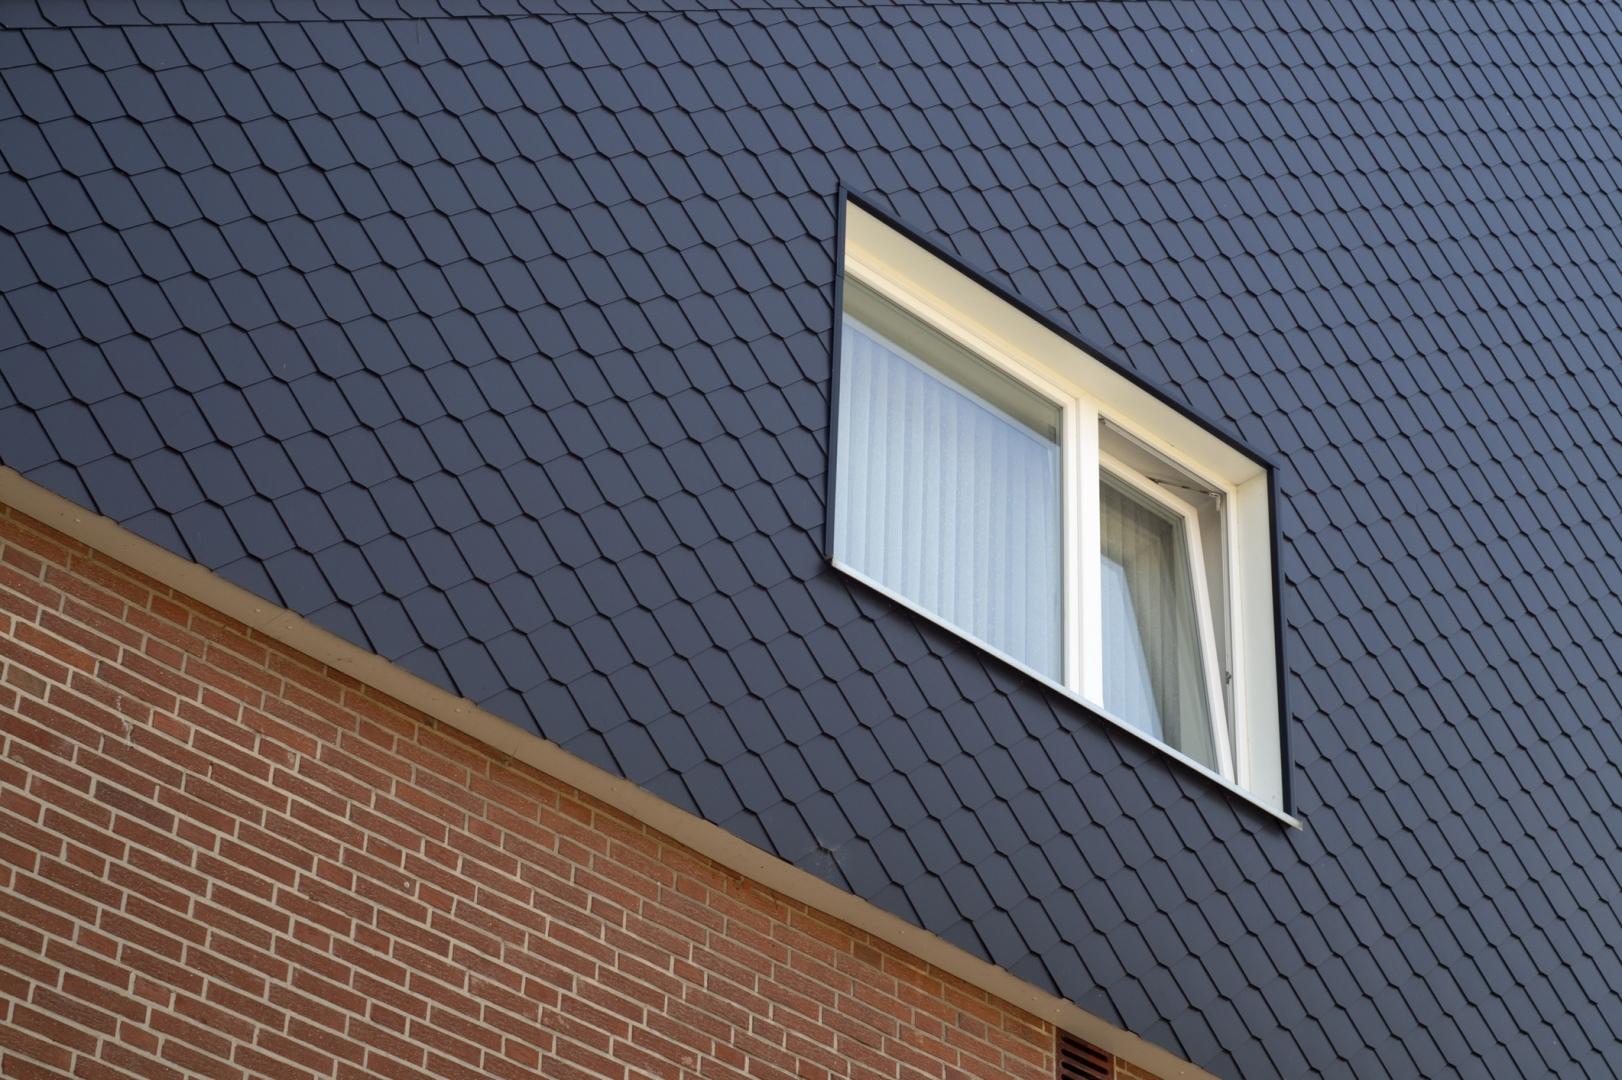 Dach mit Fenster 2